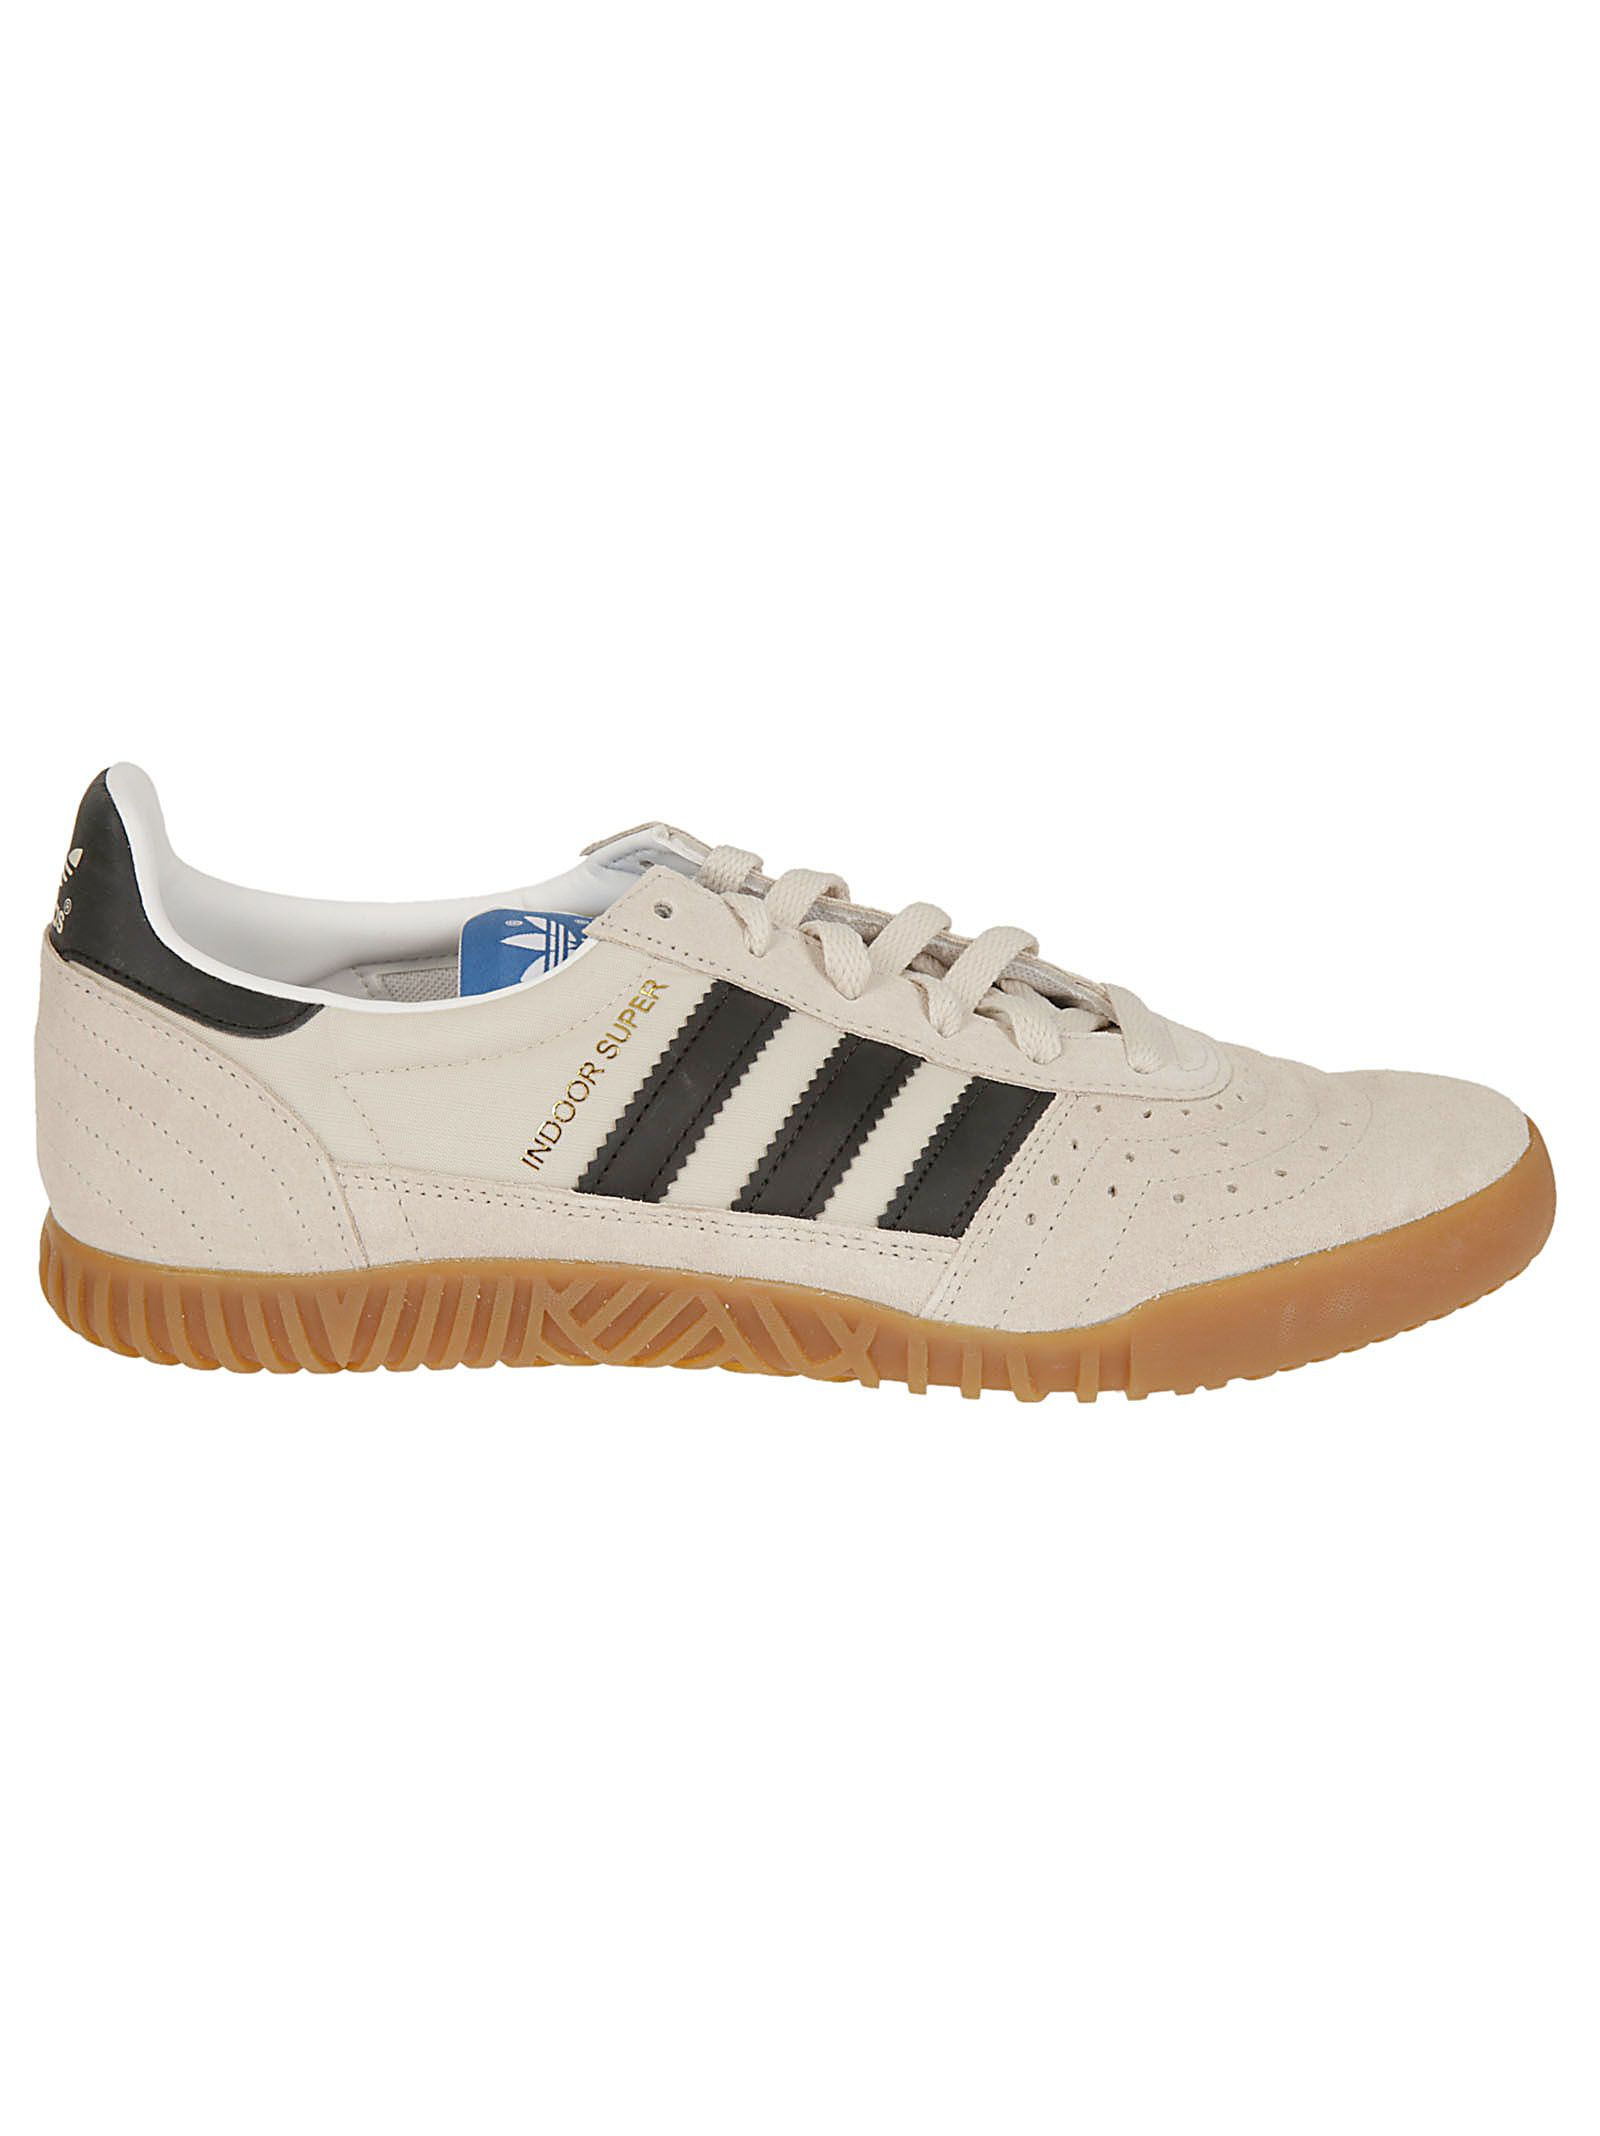 Adidas Originals Indoor Super Sneakers